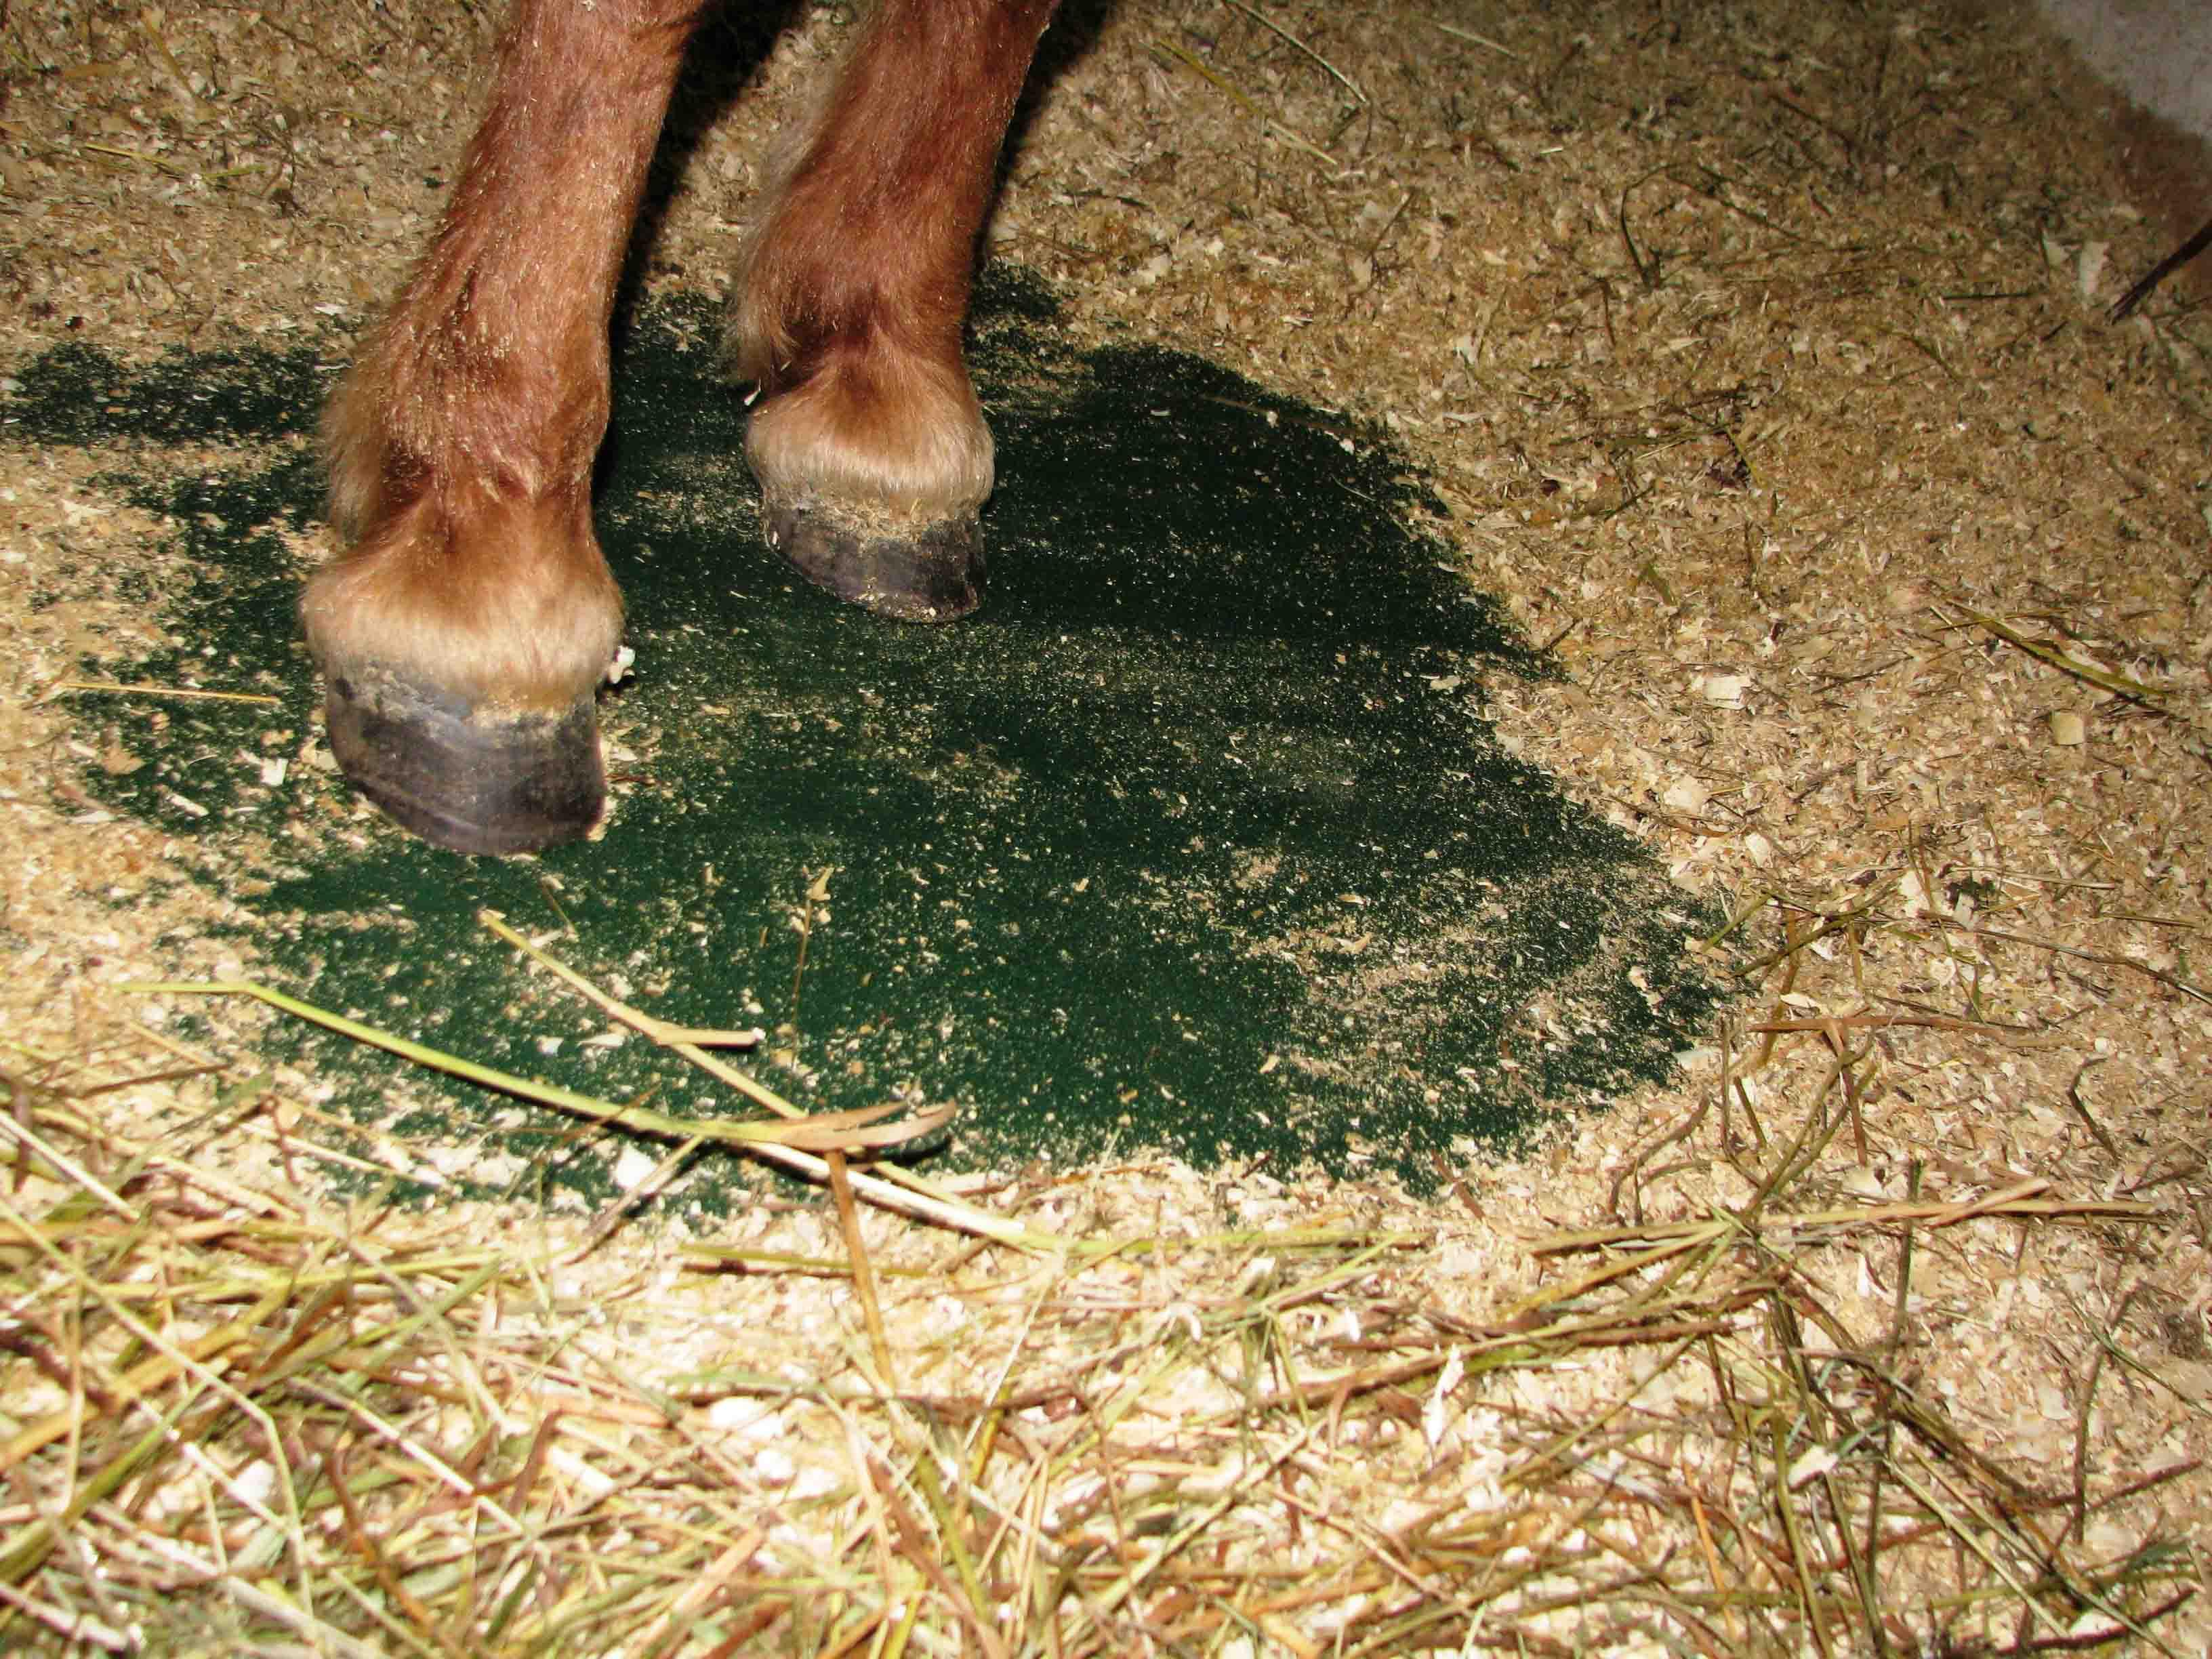 Как сделать кормушку для лошади фото 443